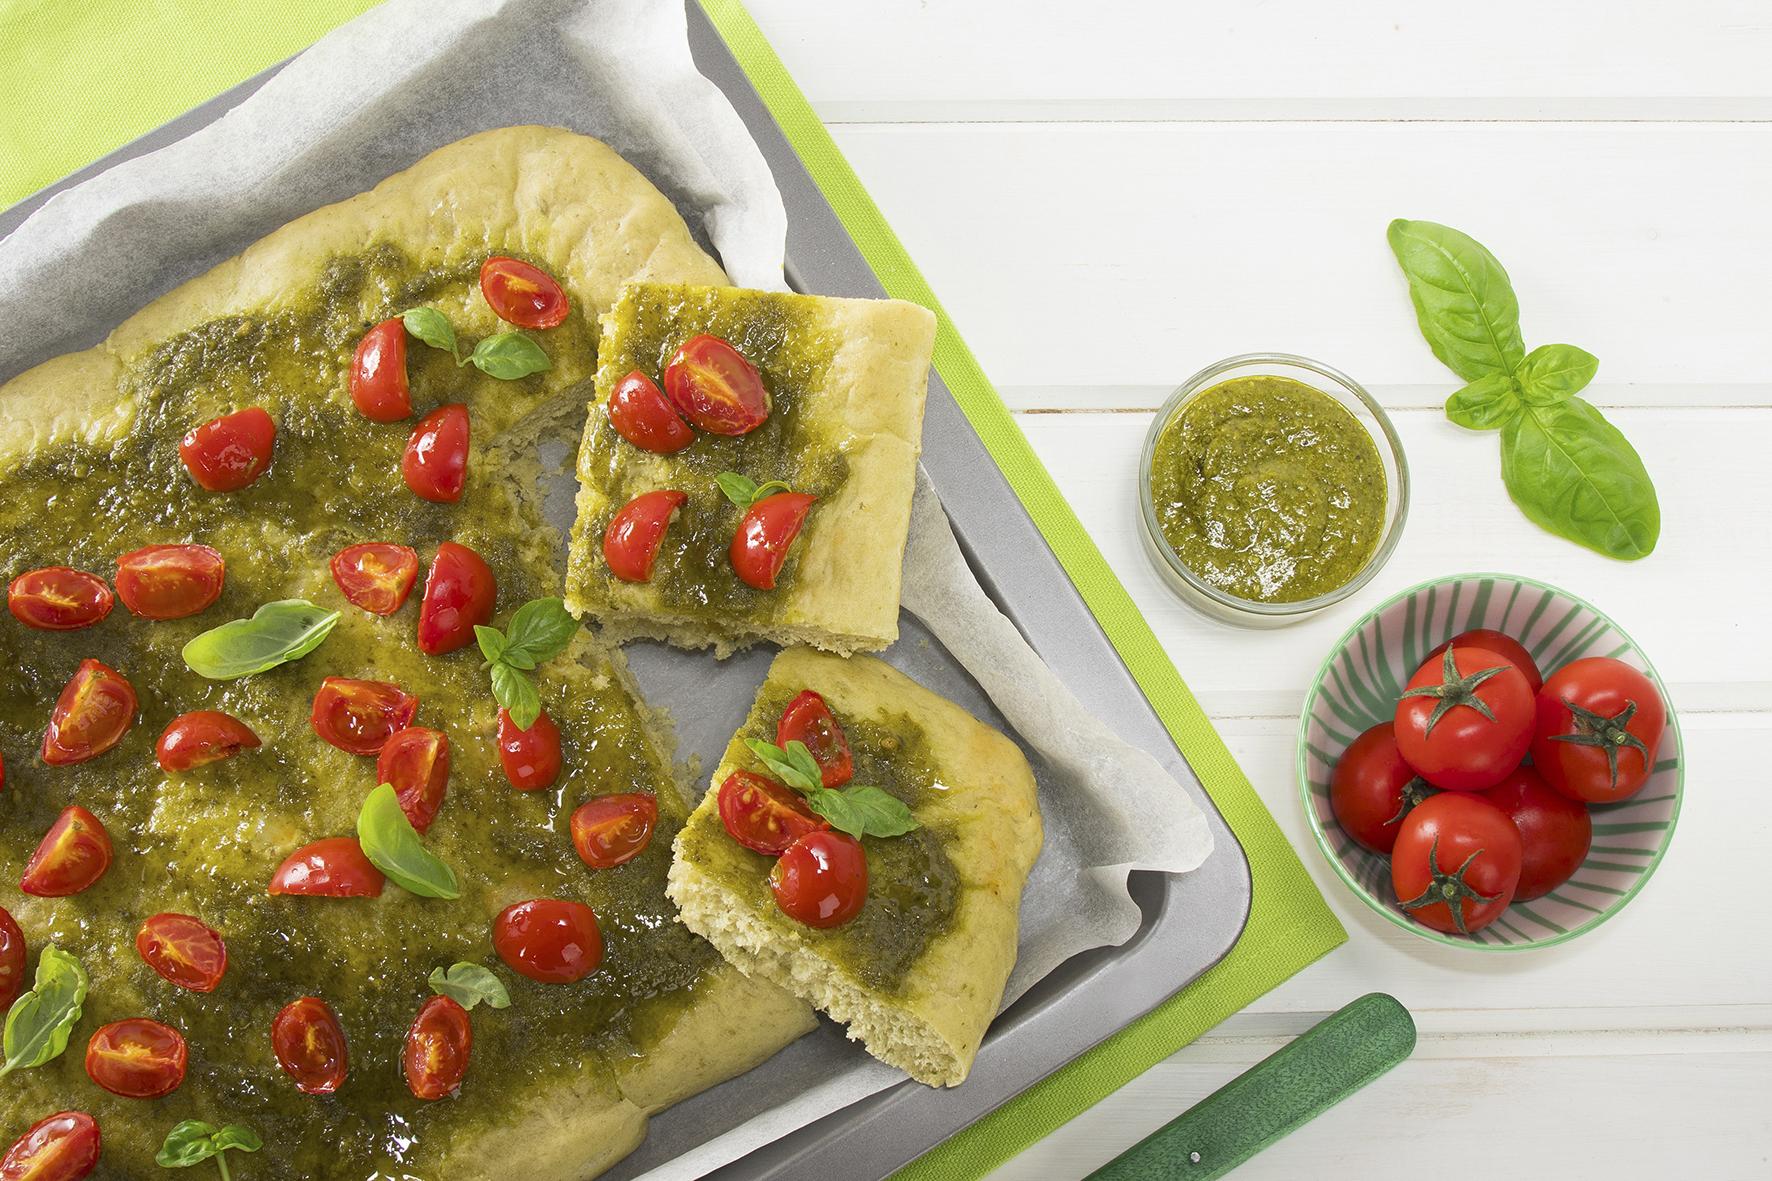 Focaccia al farro con pesto e pomodorini